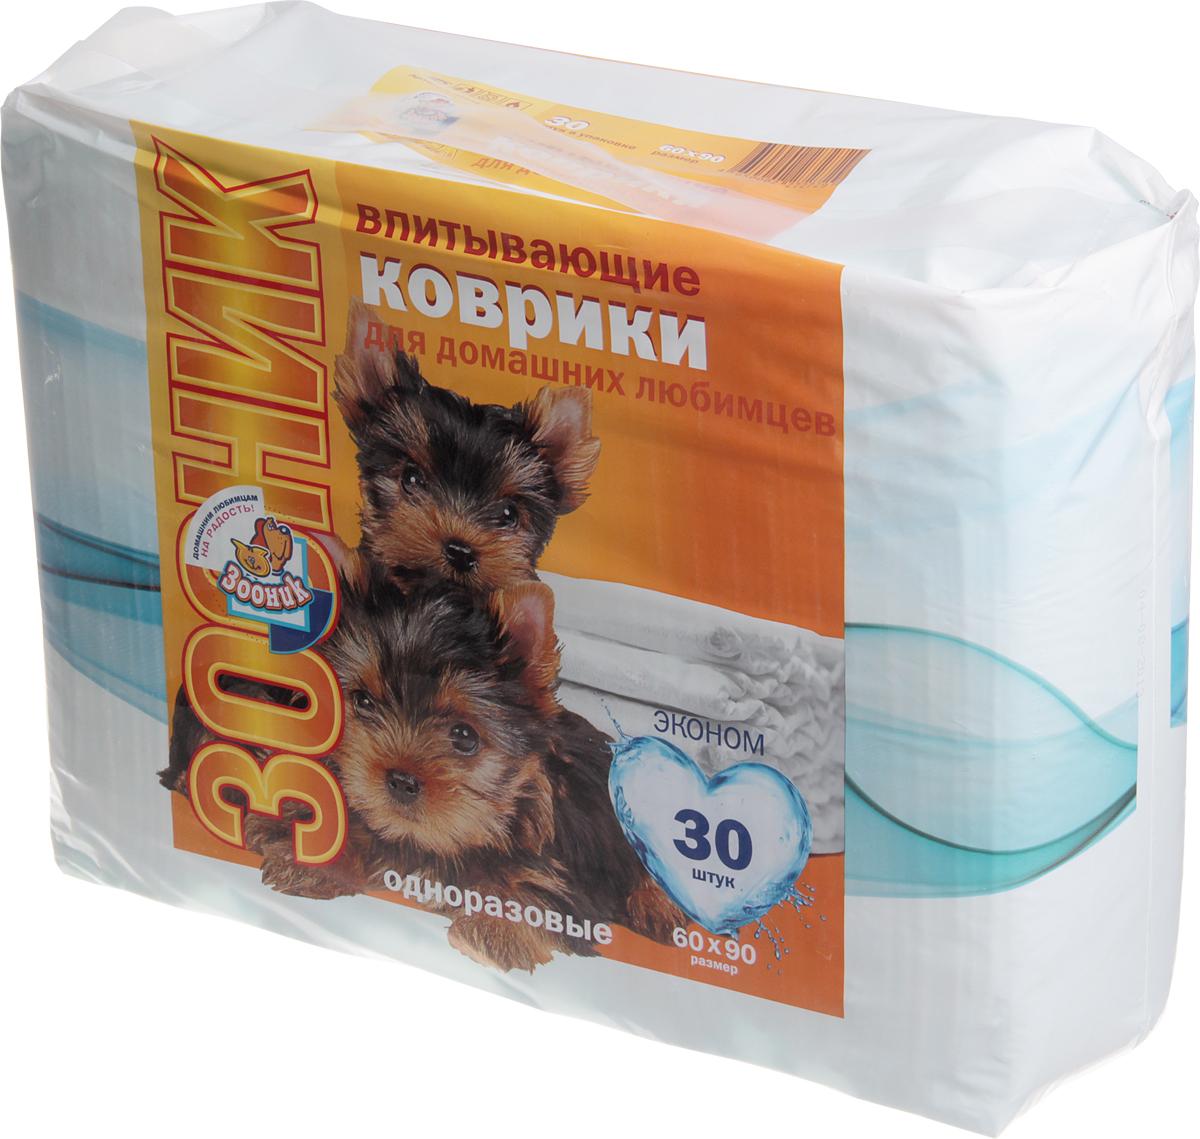 Коврики впитывающие Зооник, 60х90 см, 30 шт3005Коврики впитывающие Зооник предназначены для одноразового использования. Верхний слой изготовлен из мягкого нетканого гипоаллергенного материала, который отлично впитывает и удерживает влагу и поглащает запах. Коврики могут использоваться как для туалетных лотков, так и при транспортировке в переноске или автомобиле. Размер : 60Х90 см. Количество: 30 шт.